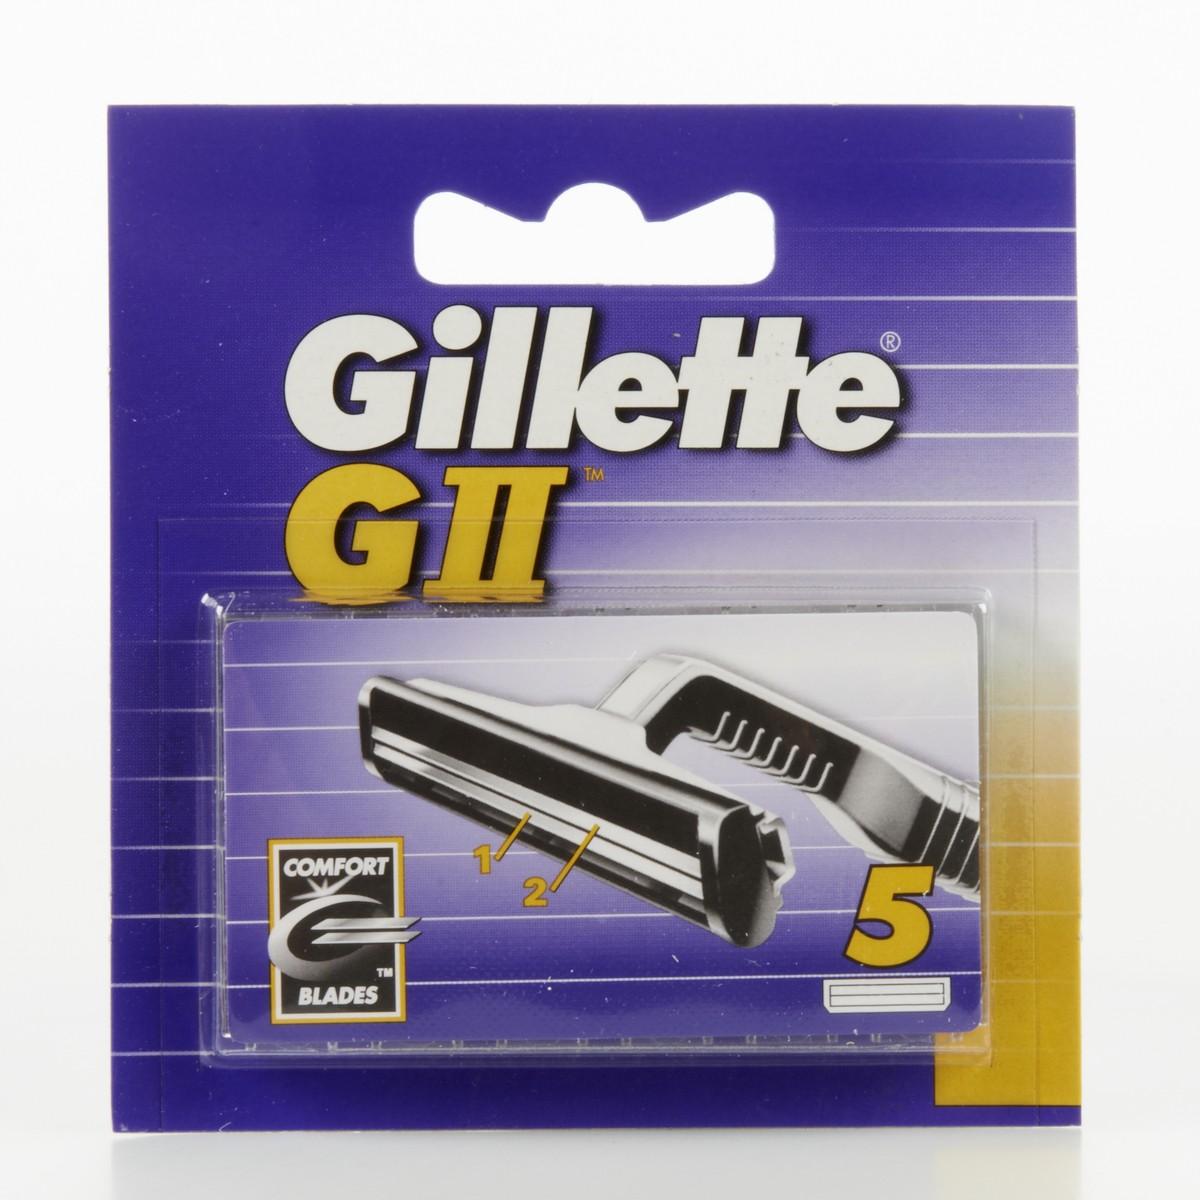 Gillette Ricambi per rasoio GII